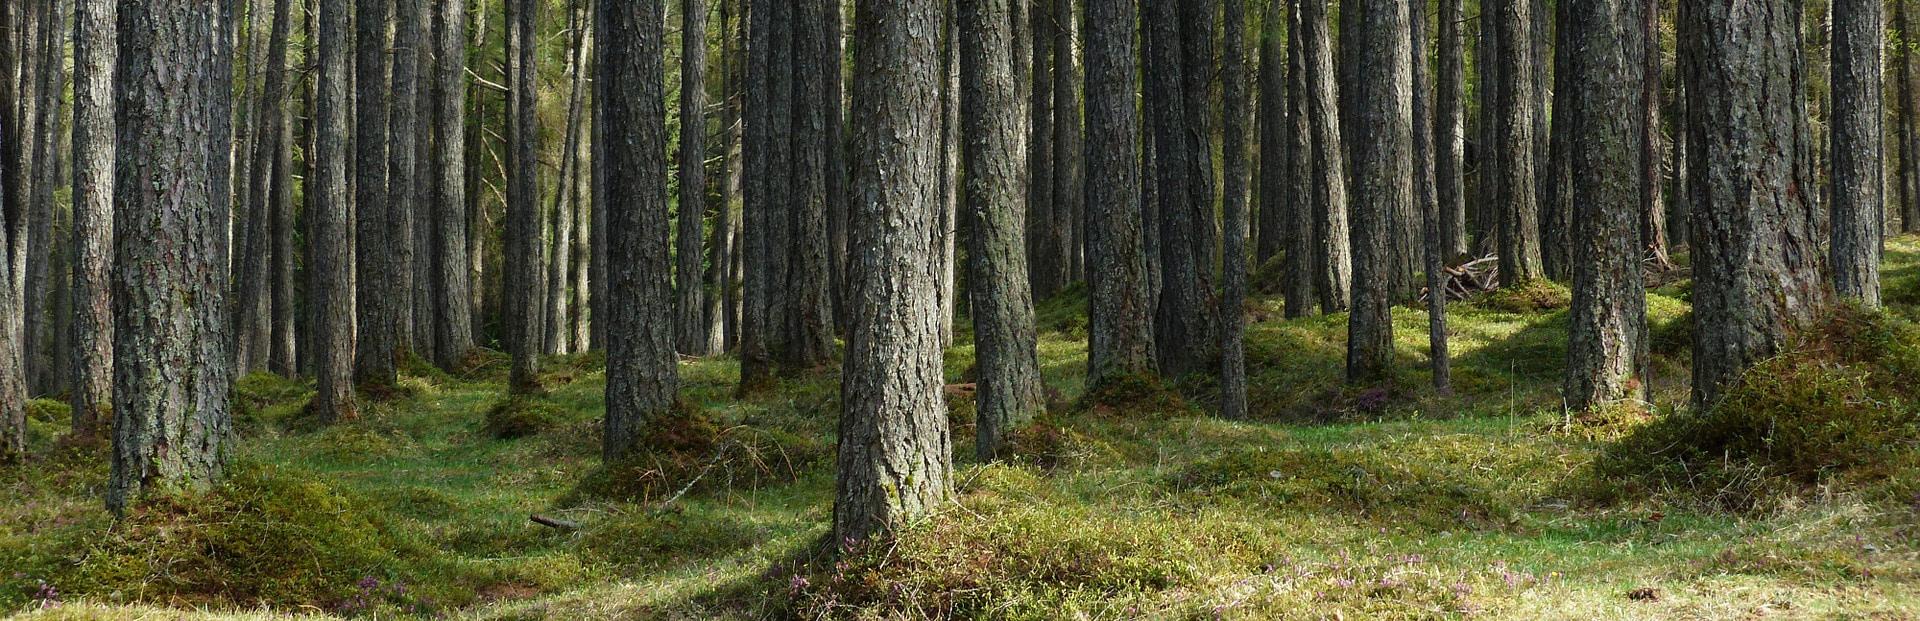 forêt mélèze bois